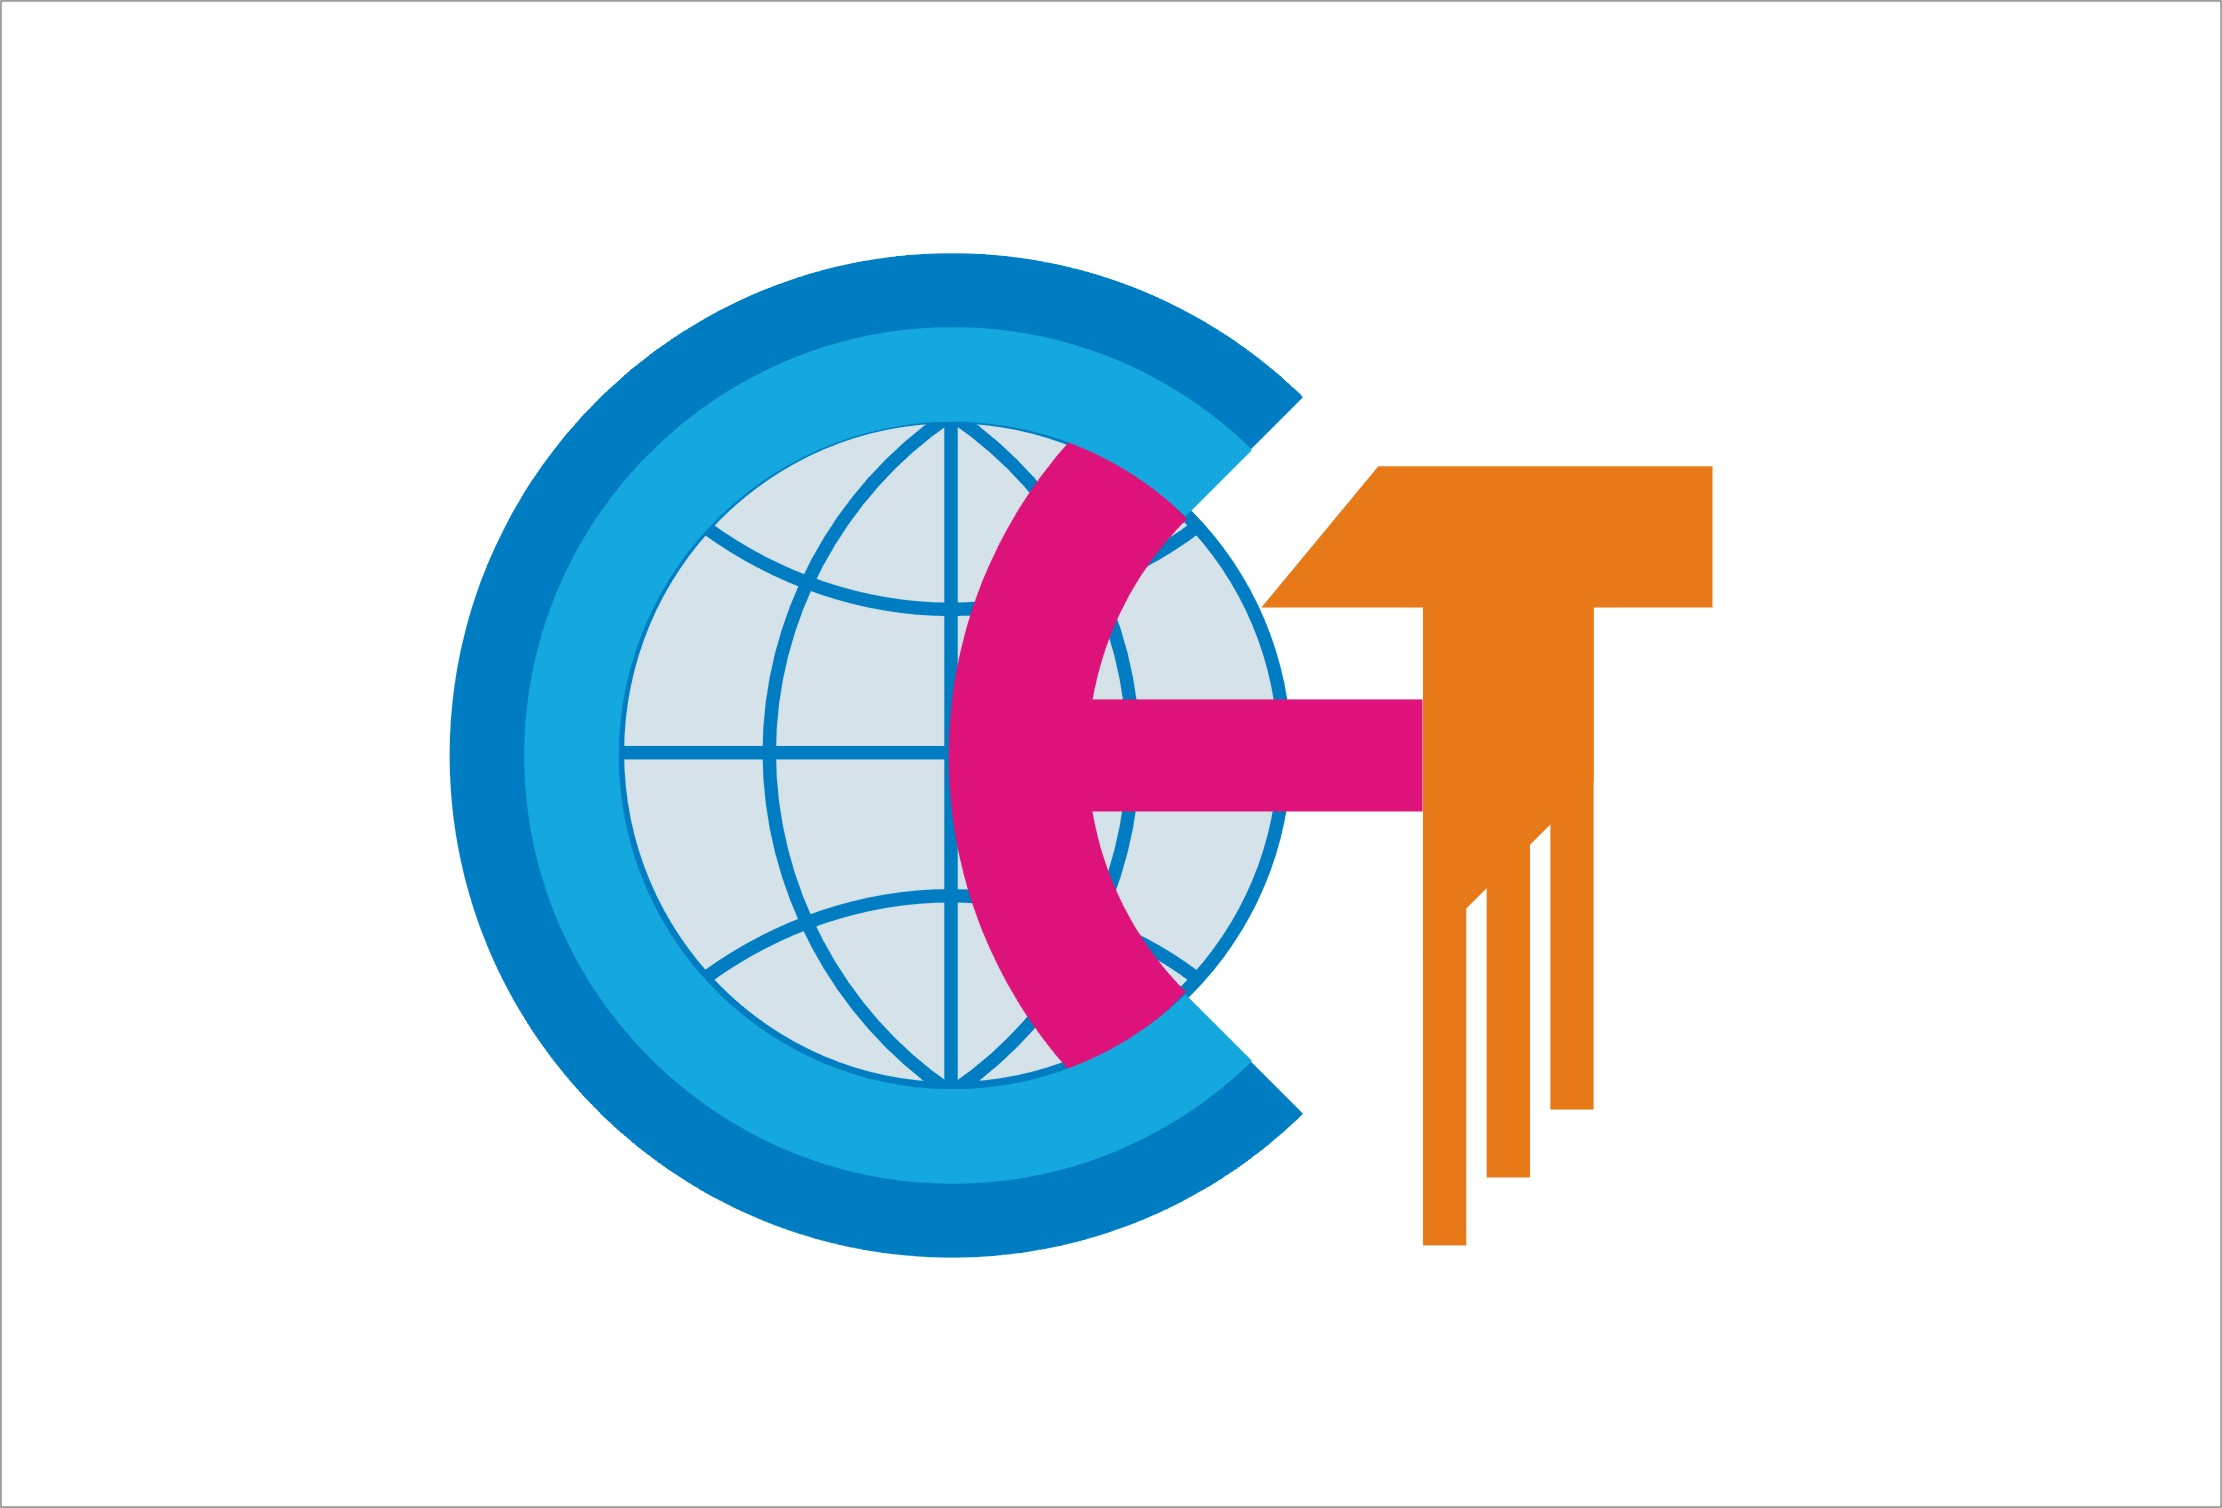 Срочно! Дизайн логотипа ООО «СЭТ» фото f_1825d5414d5b03b8.jpg